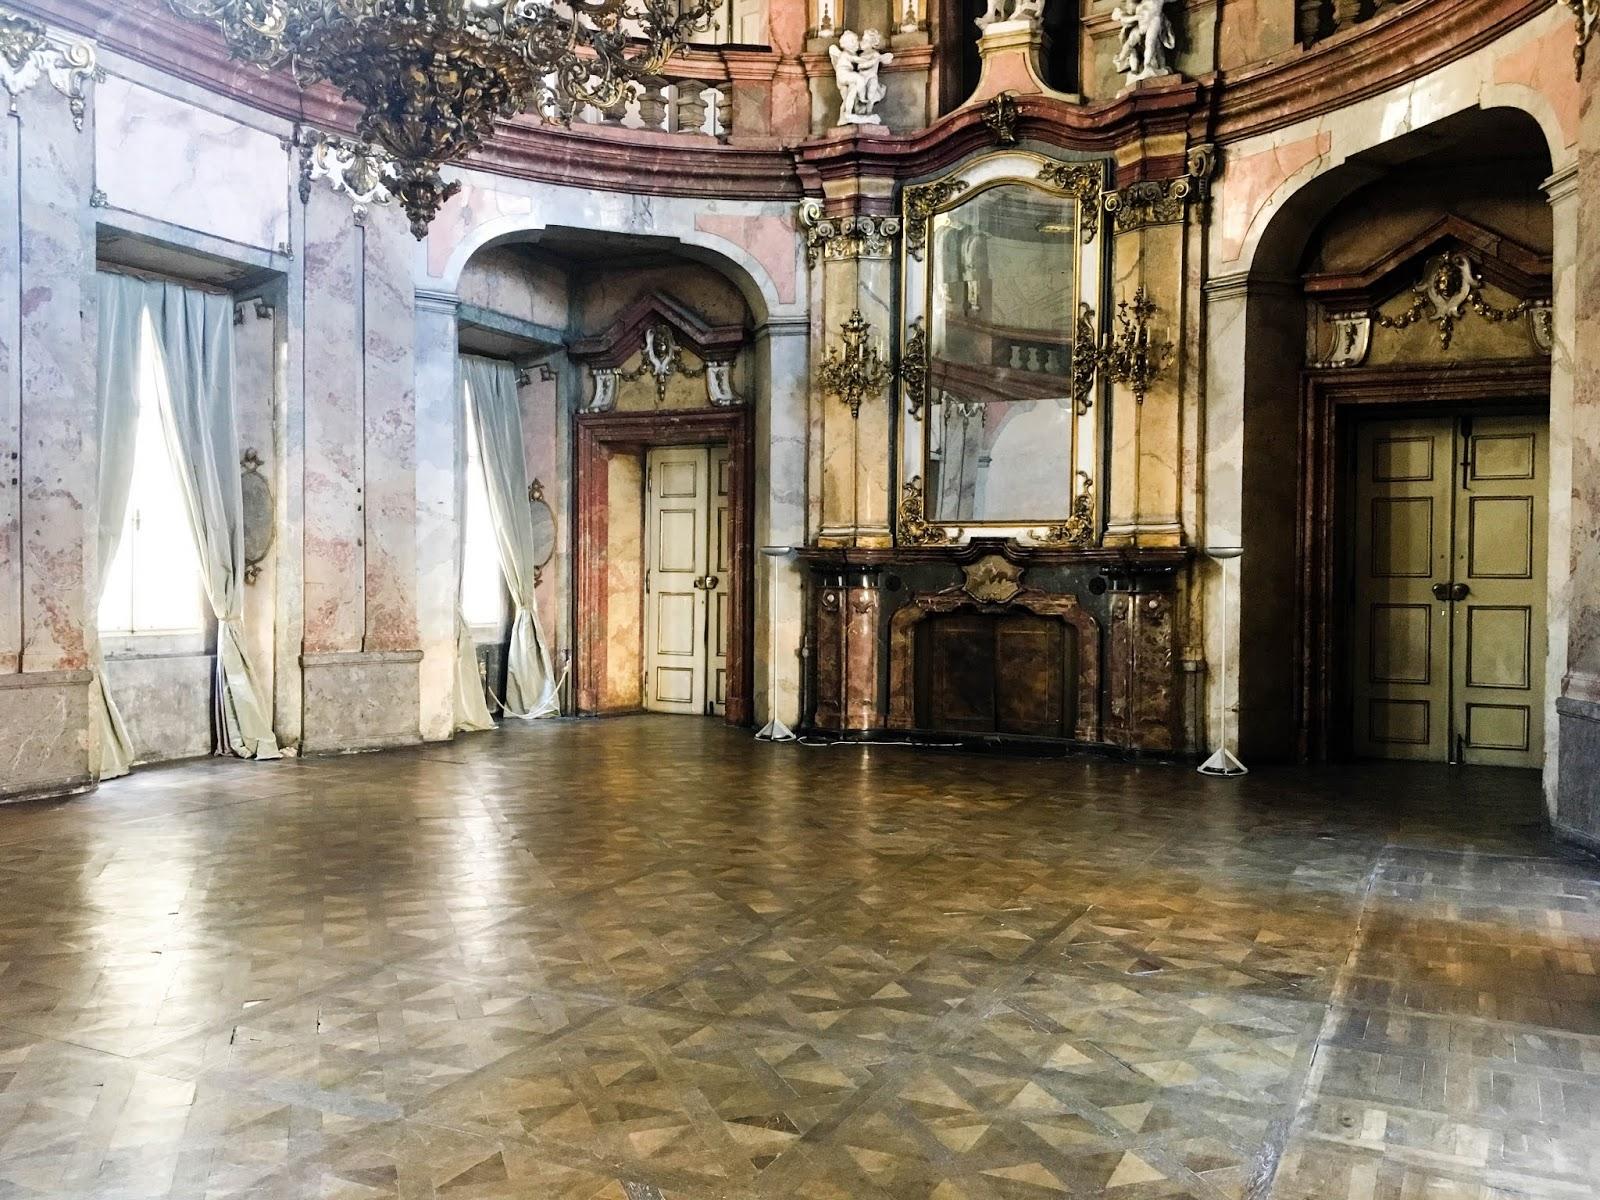 Czechy | Praga | Co zwiedzić